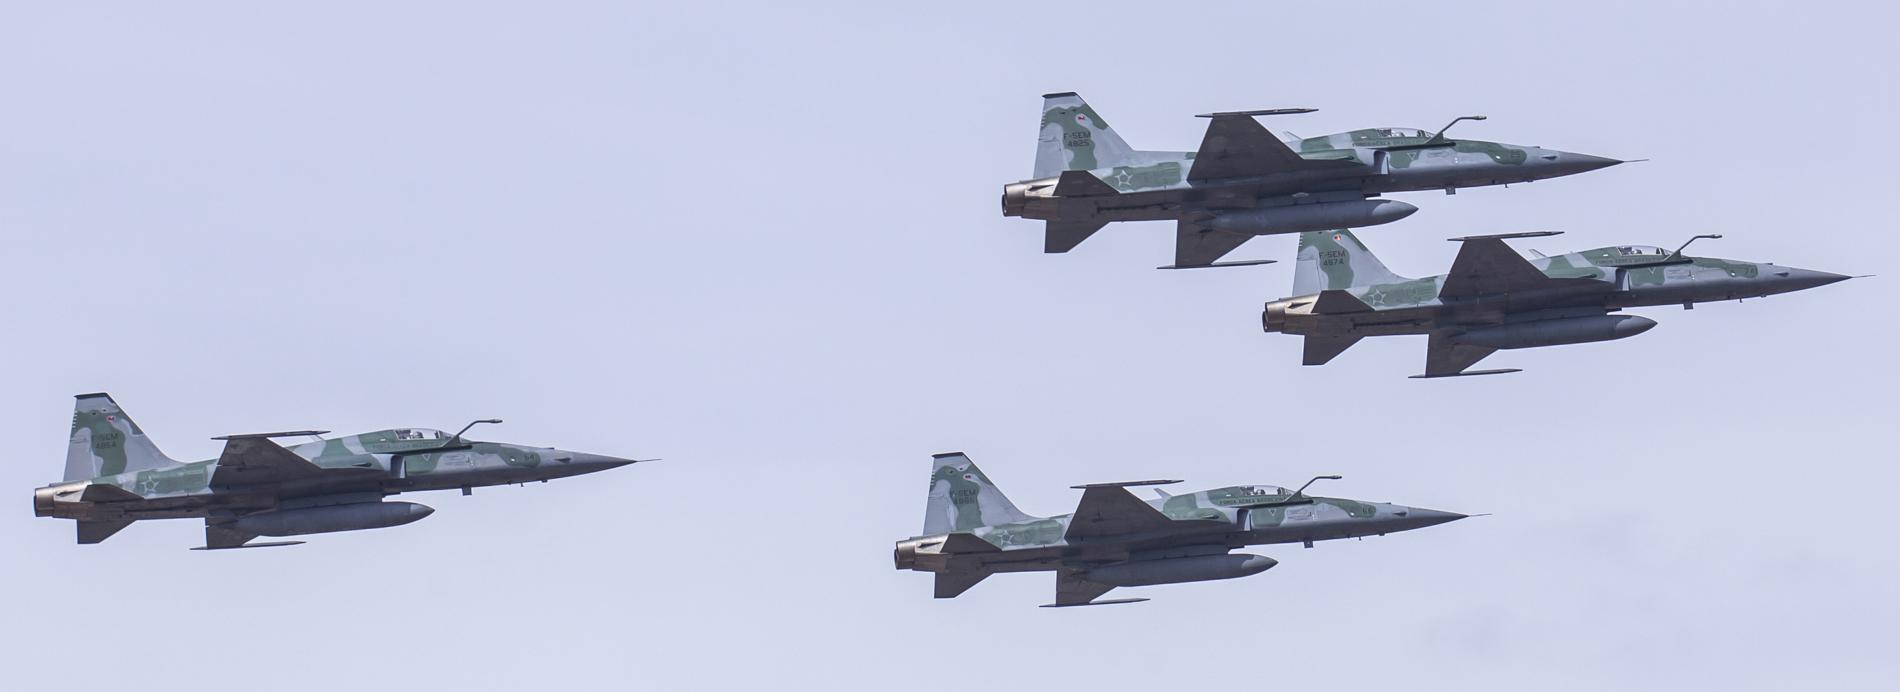 F-5 desfile 7 de setembro 2013 - foto FAB